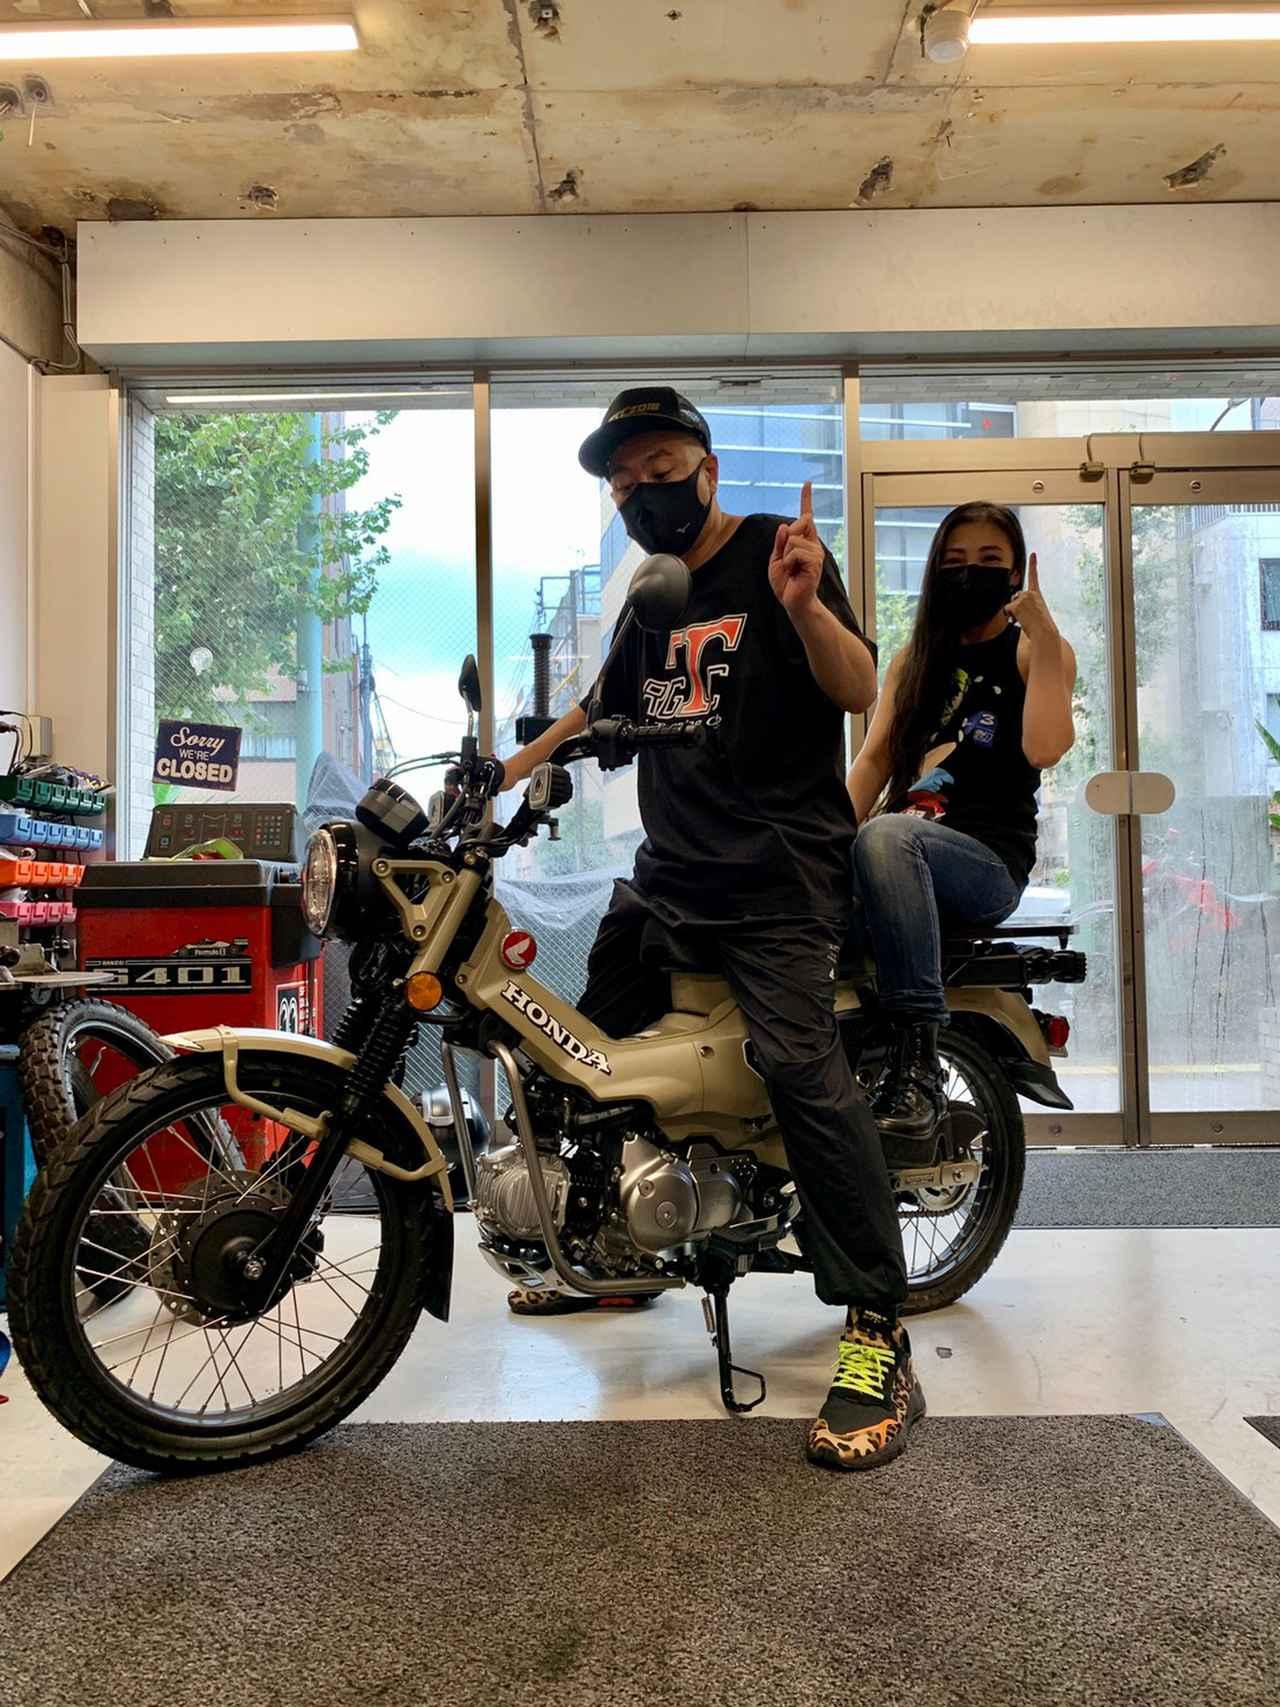 Images : 14番目の画像 - 「ハンターカブだよ! あたしも、カブ主になりました。(福山理子)」のアルバム - webオートバイ